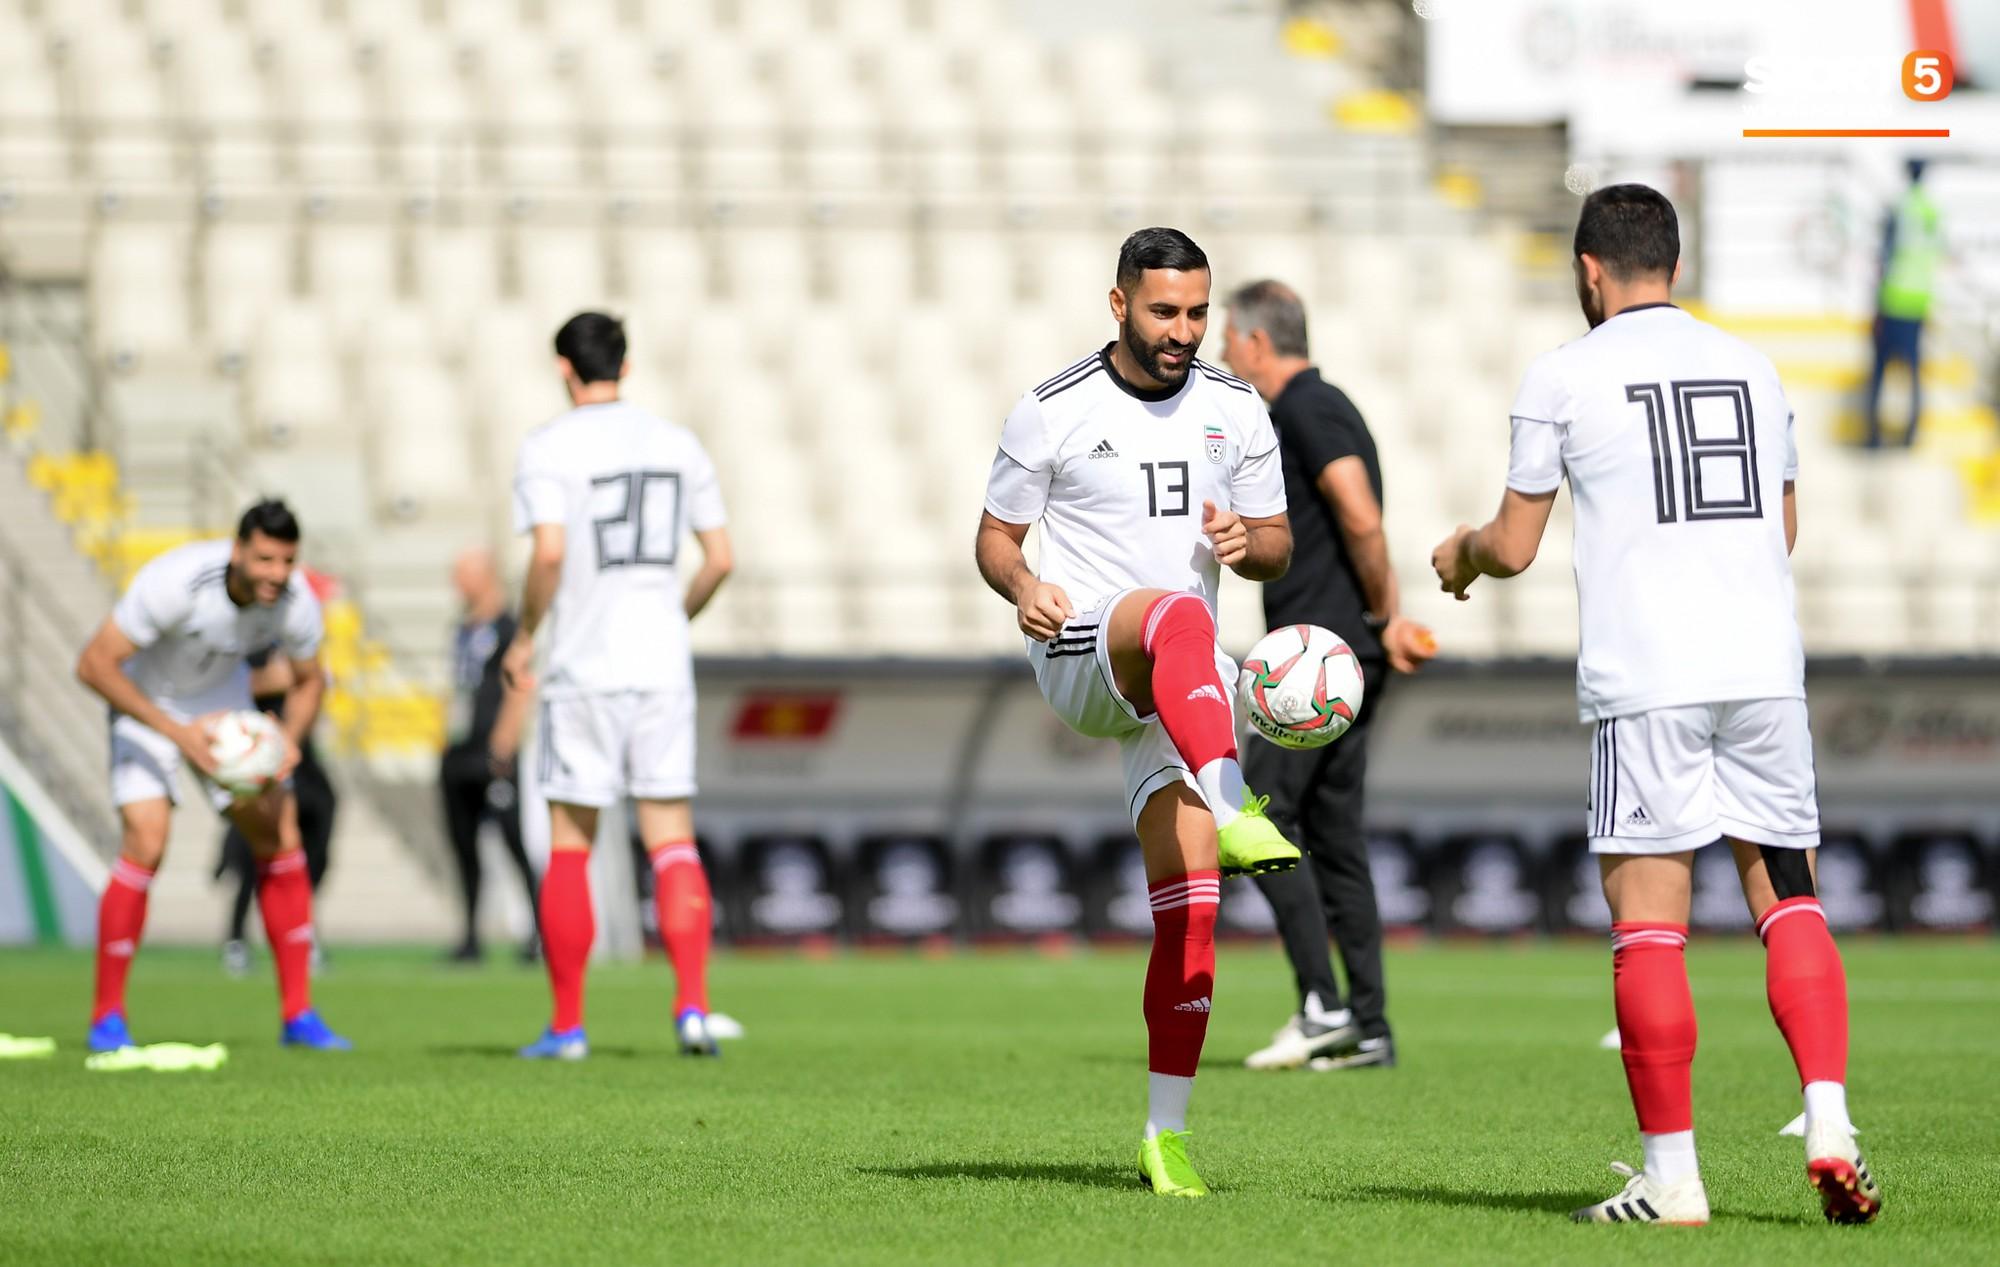 Tuyển Việt Nam cần dè chừng với thủ môn Iran có tài lẻ ném bóng kiến tạo cực kỳ đẳng cấp - Ảnh 9.